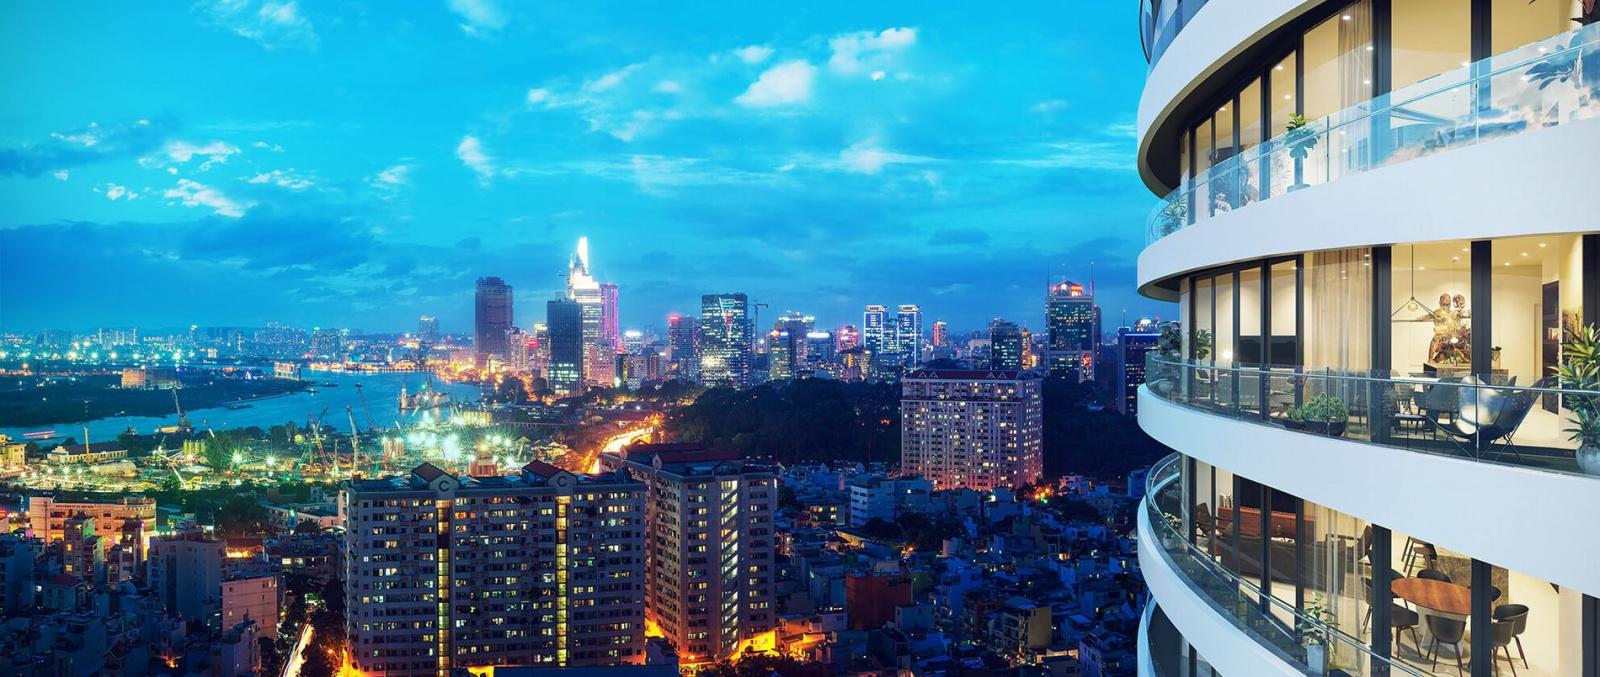 View nhìn trung tâm Sài Gòn